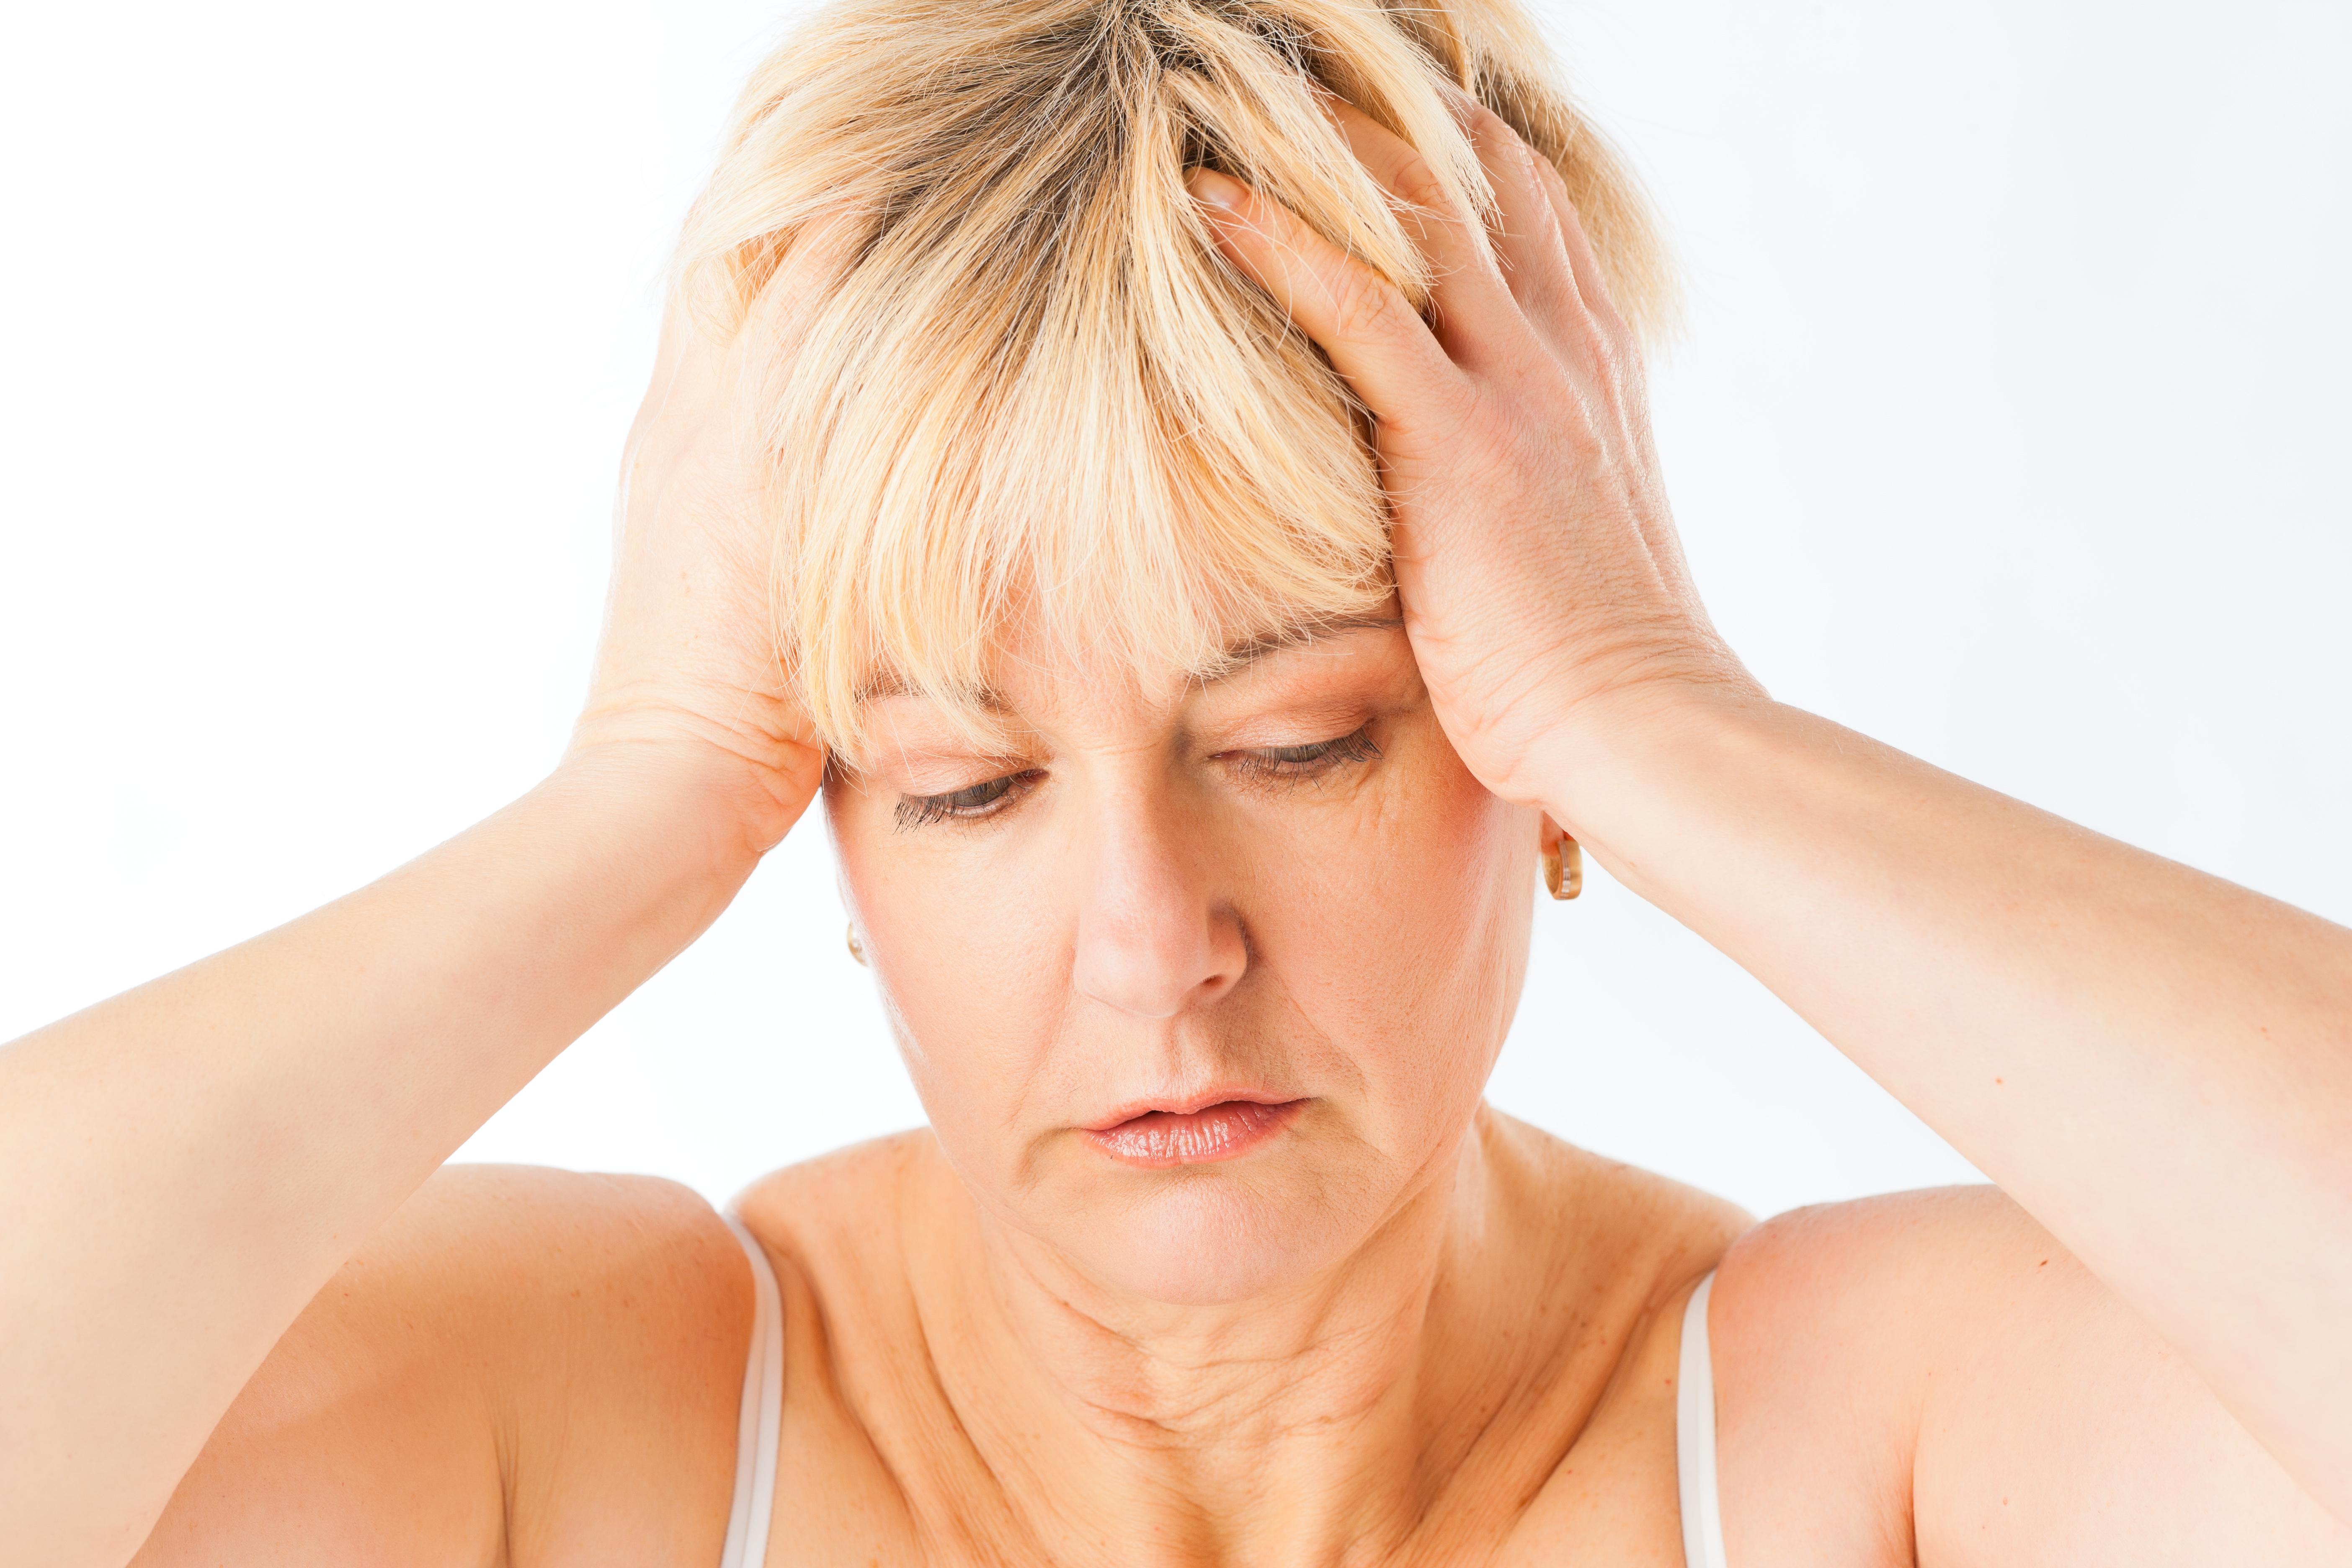 Hjärntumör kan visas sig genom huvudvärk, men det finns även andra tecken på sjukdomen.